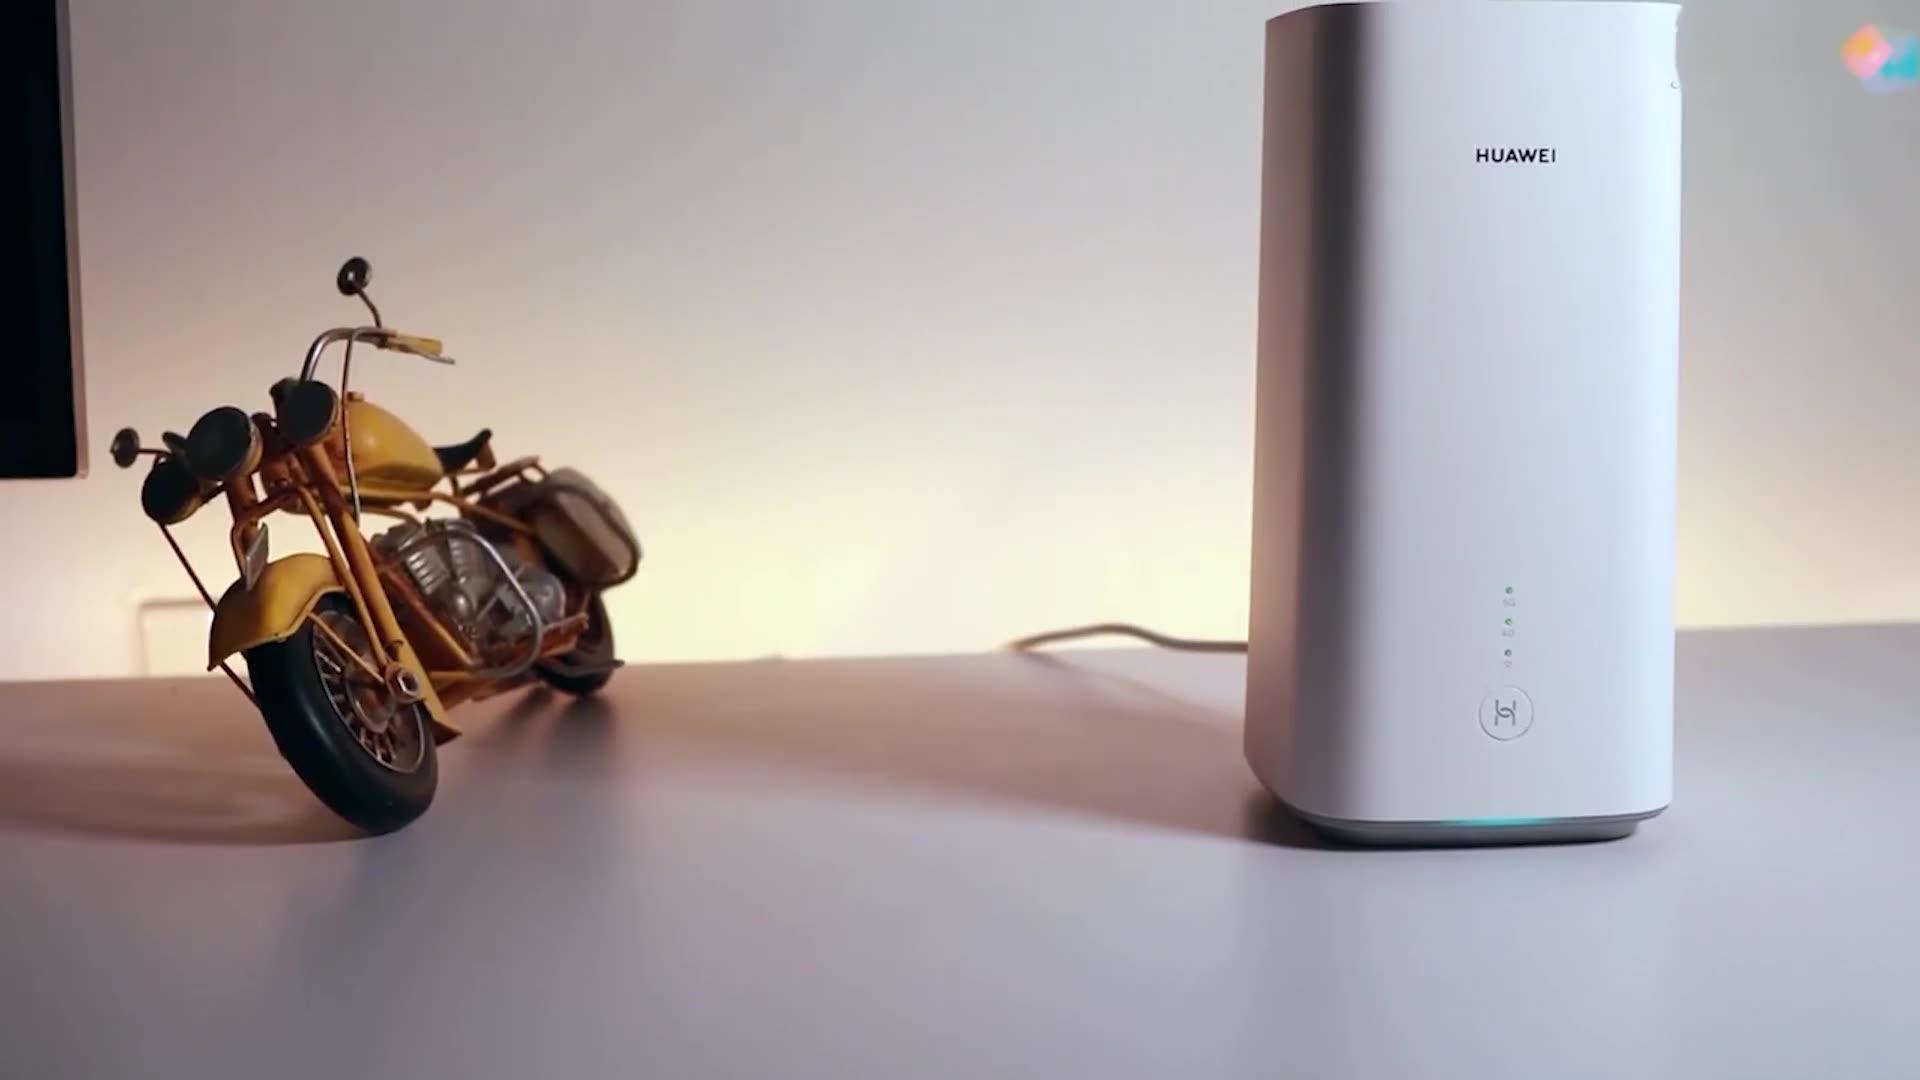 هواوي لاسلكي 5G راوتر CPE برو H112-372 مع بطاقة sim هواوي مودم لاسلكي 5G CPE برو H112-372 VPN IPV4 IPV6 5G راوتر